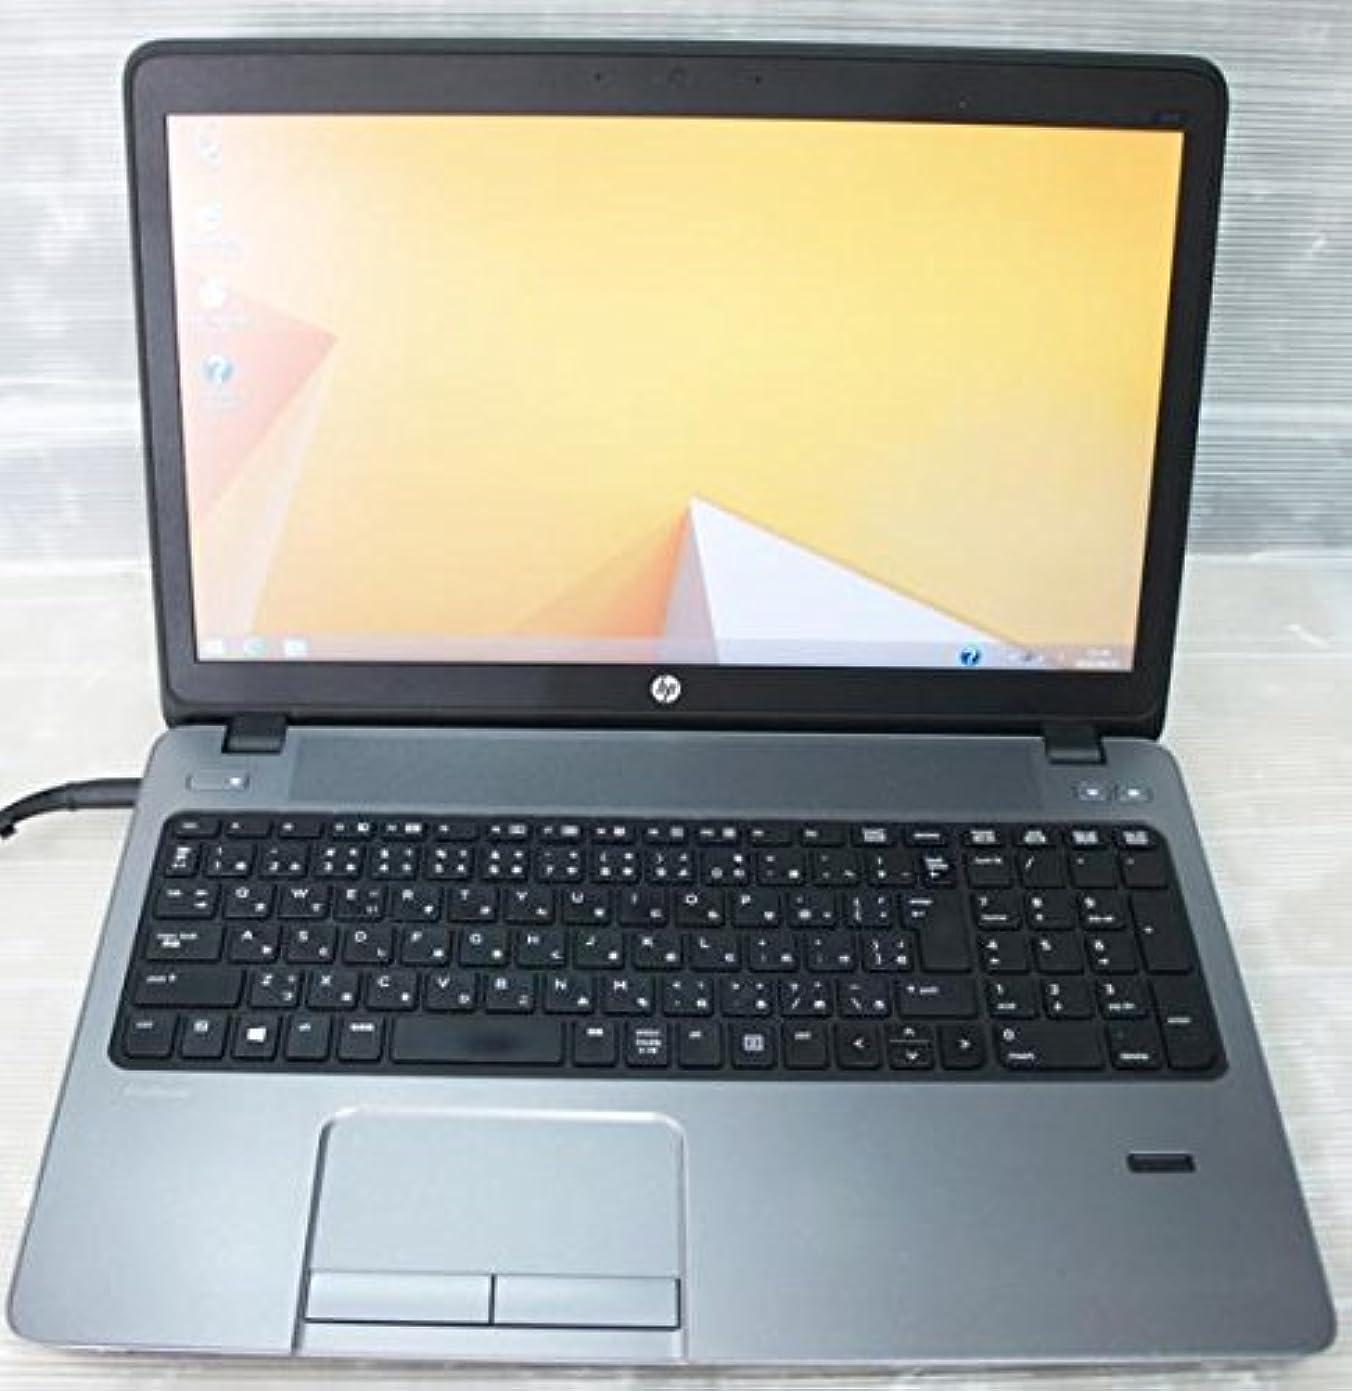 最大限爆風貞[中古パソコン] [AT-381][APU][64bit][超薄型]■HP Probook 455 G1 4コアAMD A8プロセッサ 1.9GHz 4096MBメモリ 320GB HDD DVDスーパーマルチドライブ 15.6インチワイド(1366*768) Wi-Fi [ノートパソコン][オフィス2013][無線][秋葉原]《パソコン販売 アキバパレットタウン》